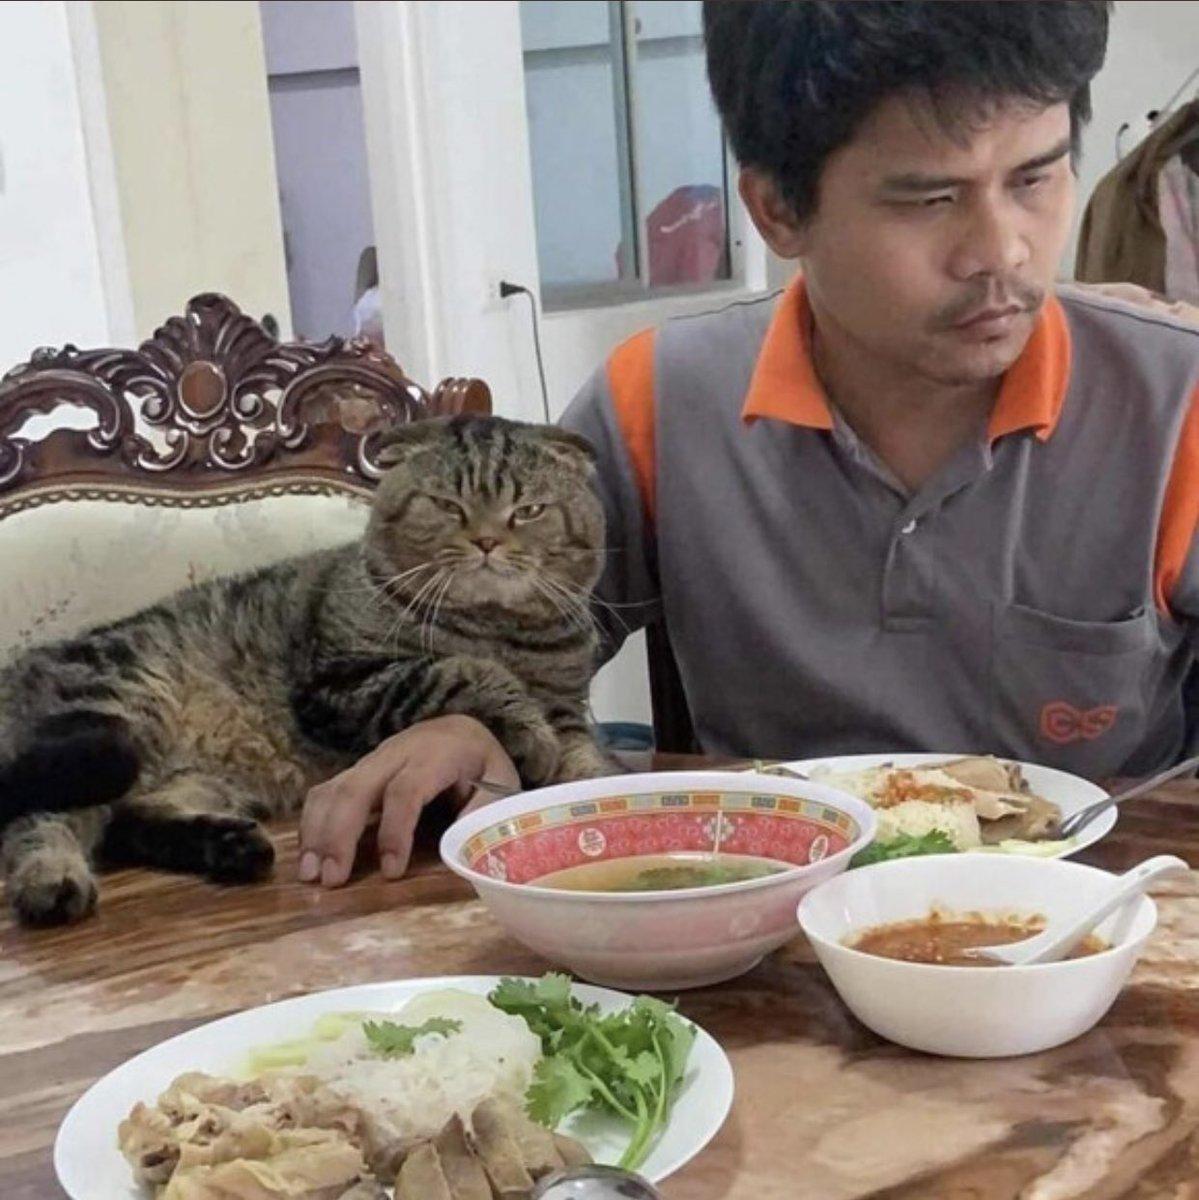 「猫に夫を奪われました」そう語る妻の嘆きを証拠写真と共にご覧ください 。